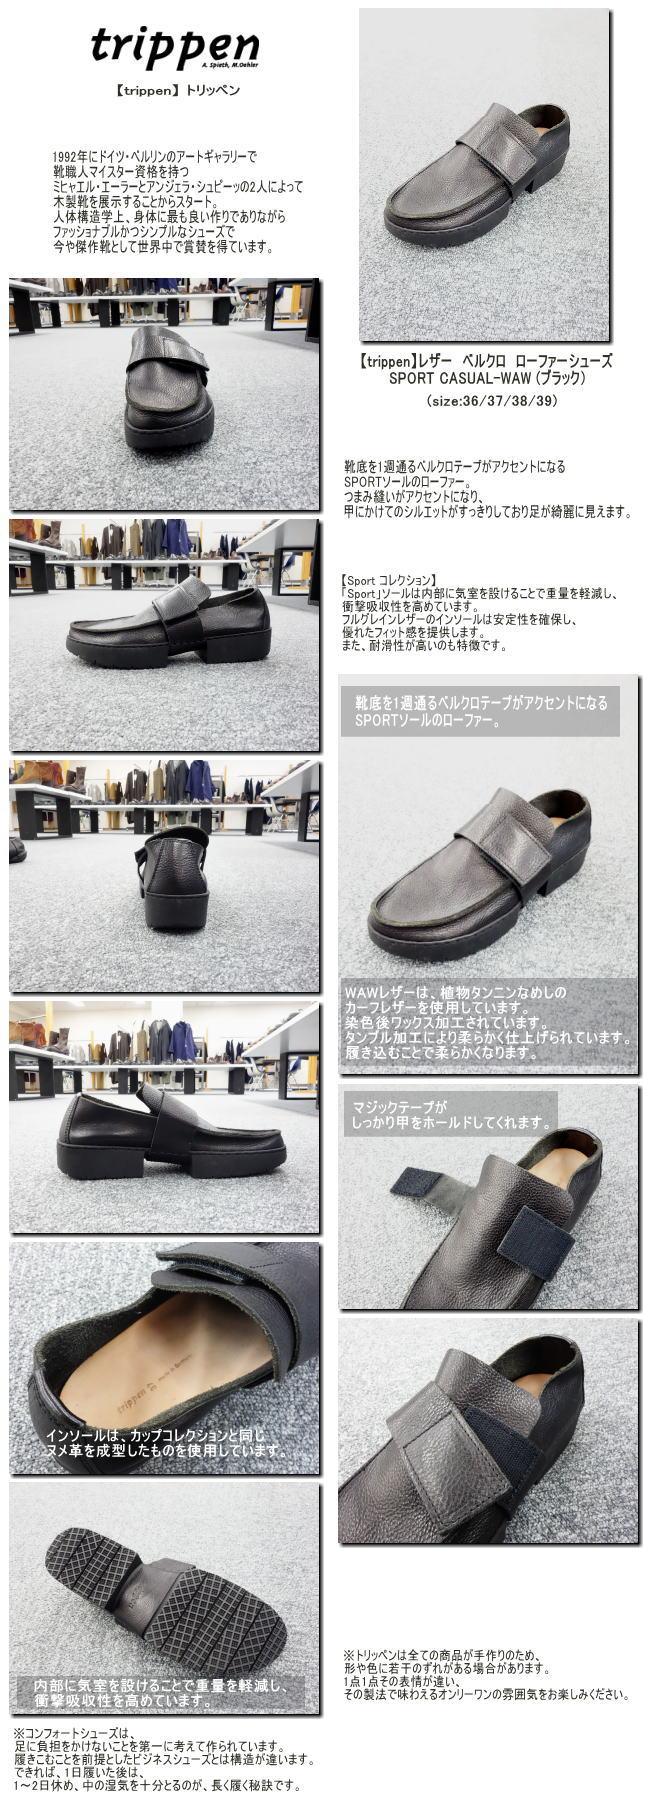 【trippen】 レザー ベルクロ ローファーシューズ SPORT CASUAL-WAW (ブラック)